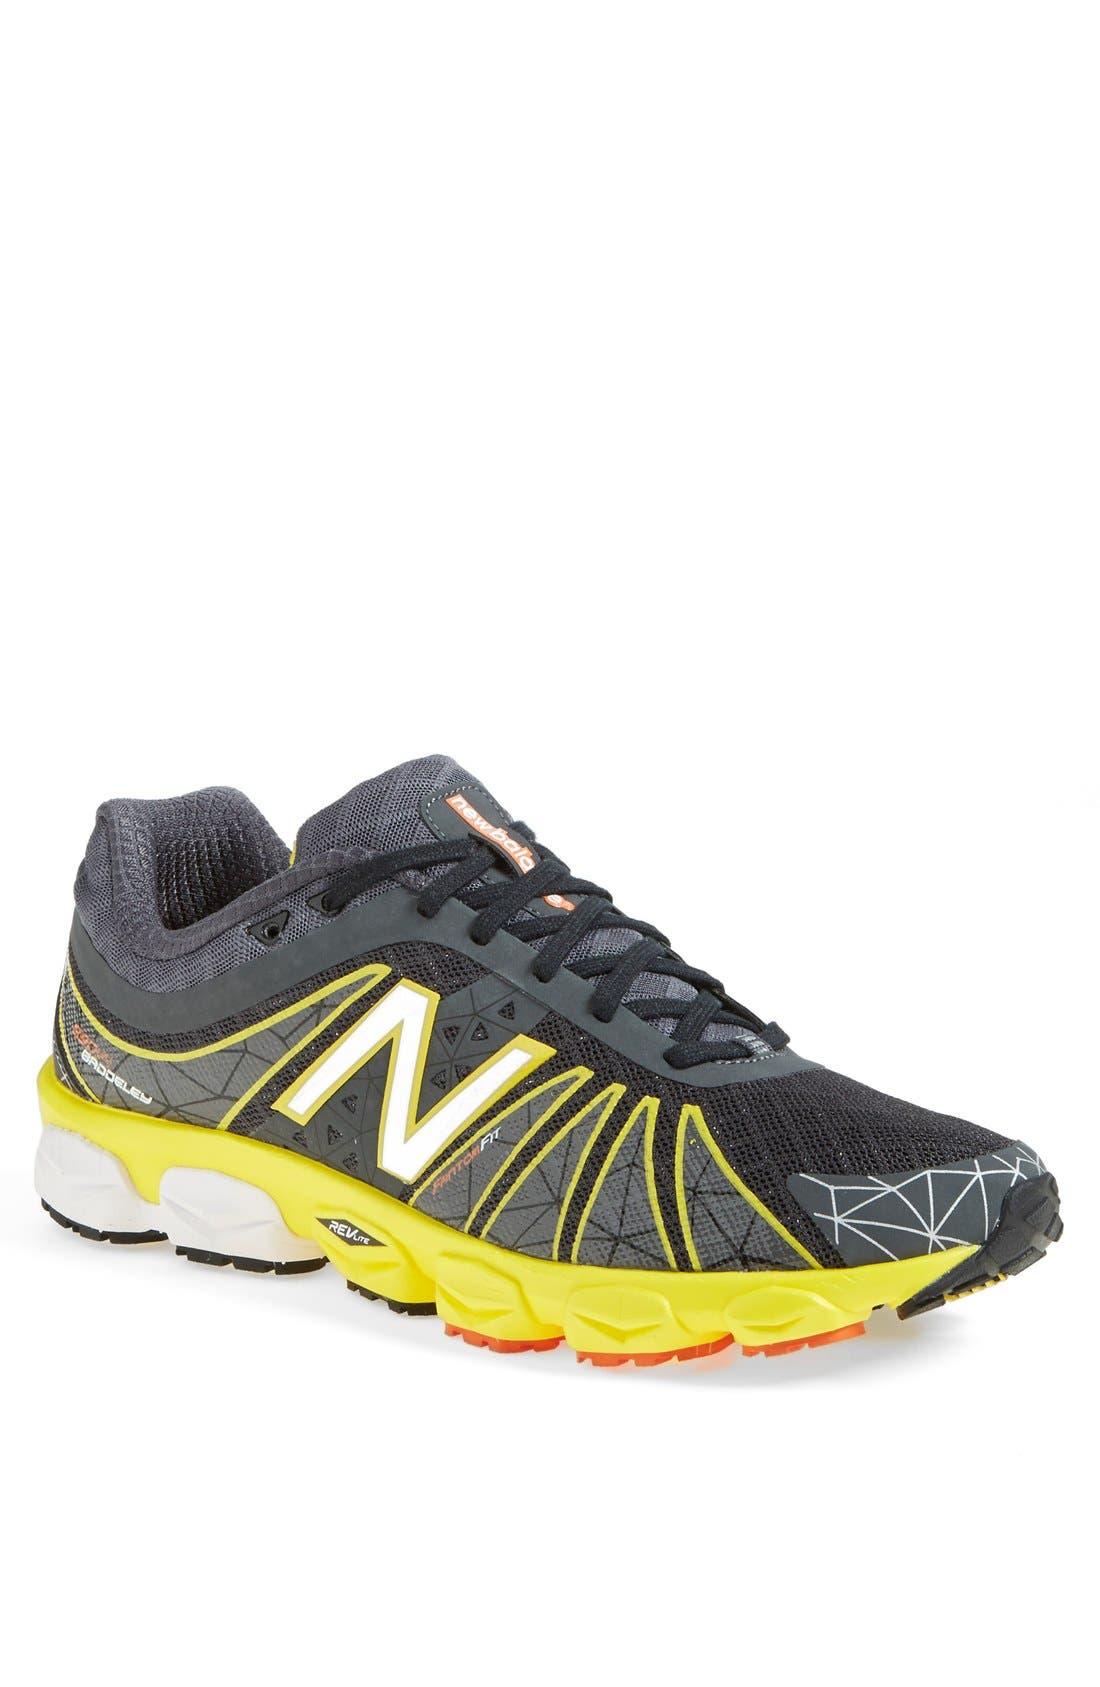 ... women 55112406; Main Image - New Balance '890v4' Running Shoe .